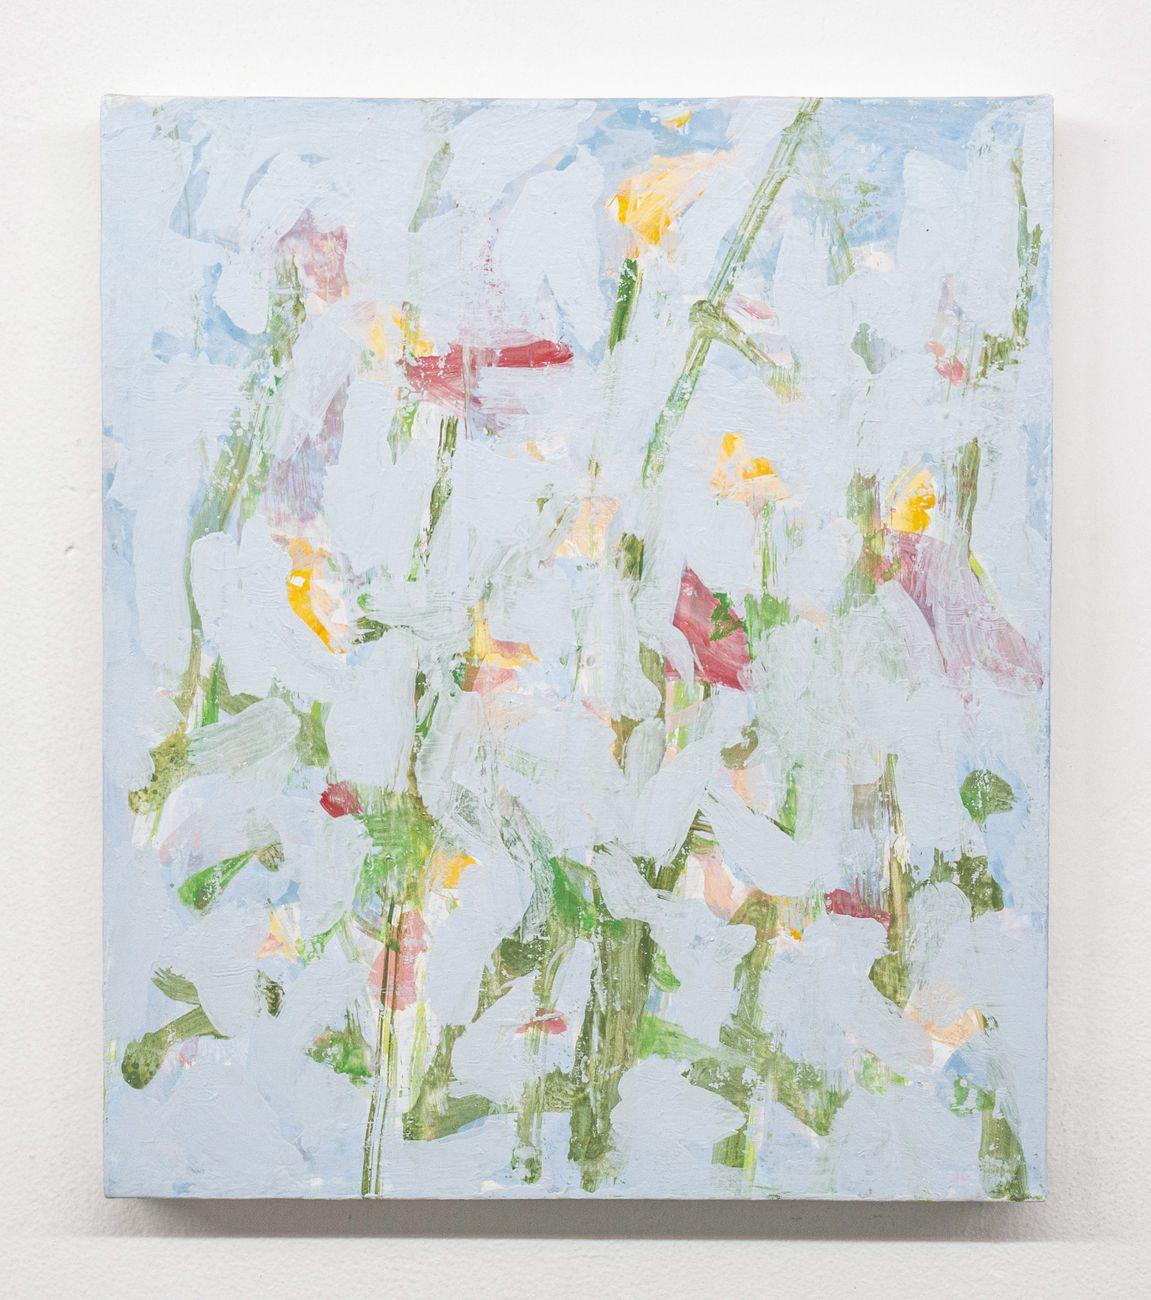 Marco Eusepi, Senza titolo (Fiori), 2020, acrilico e olio su tela, 35x30 cm